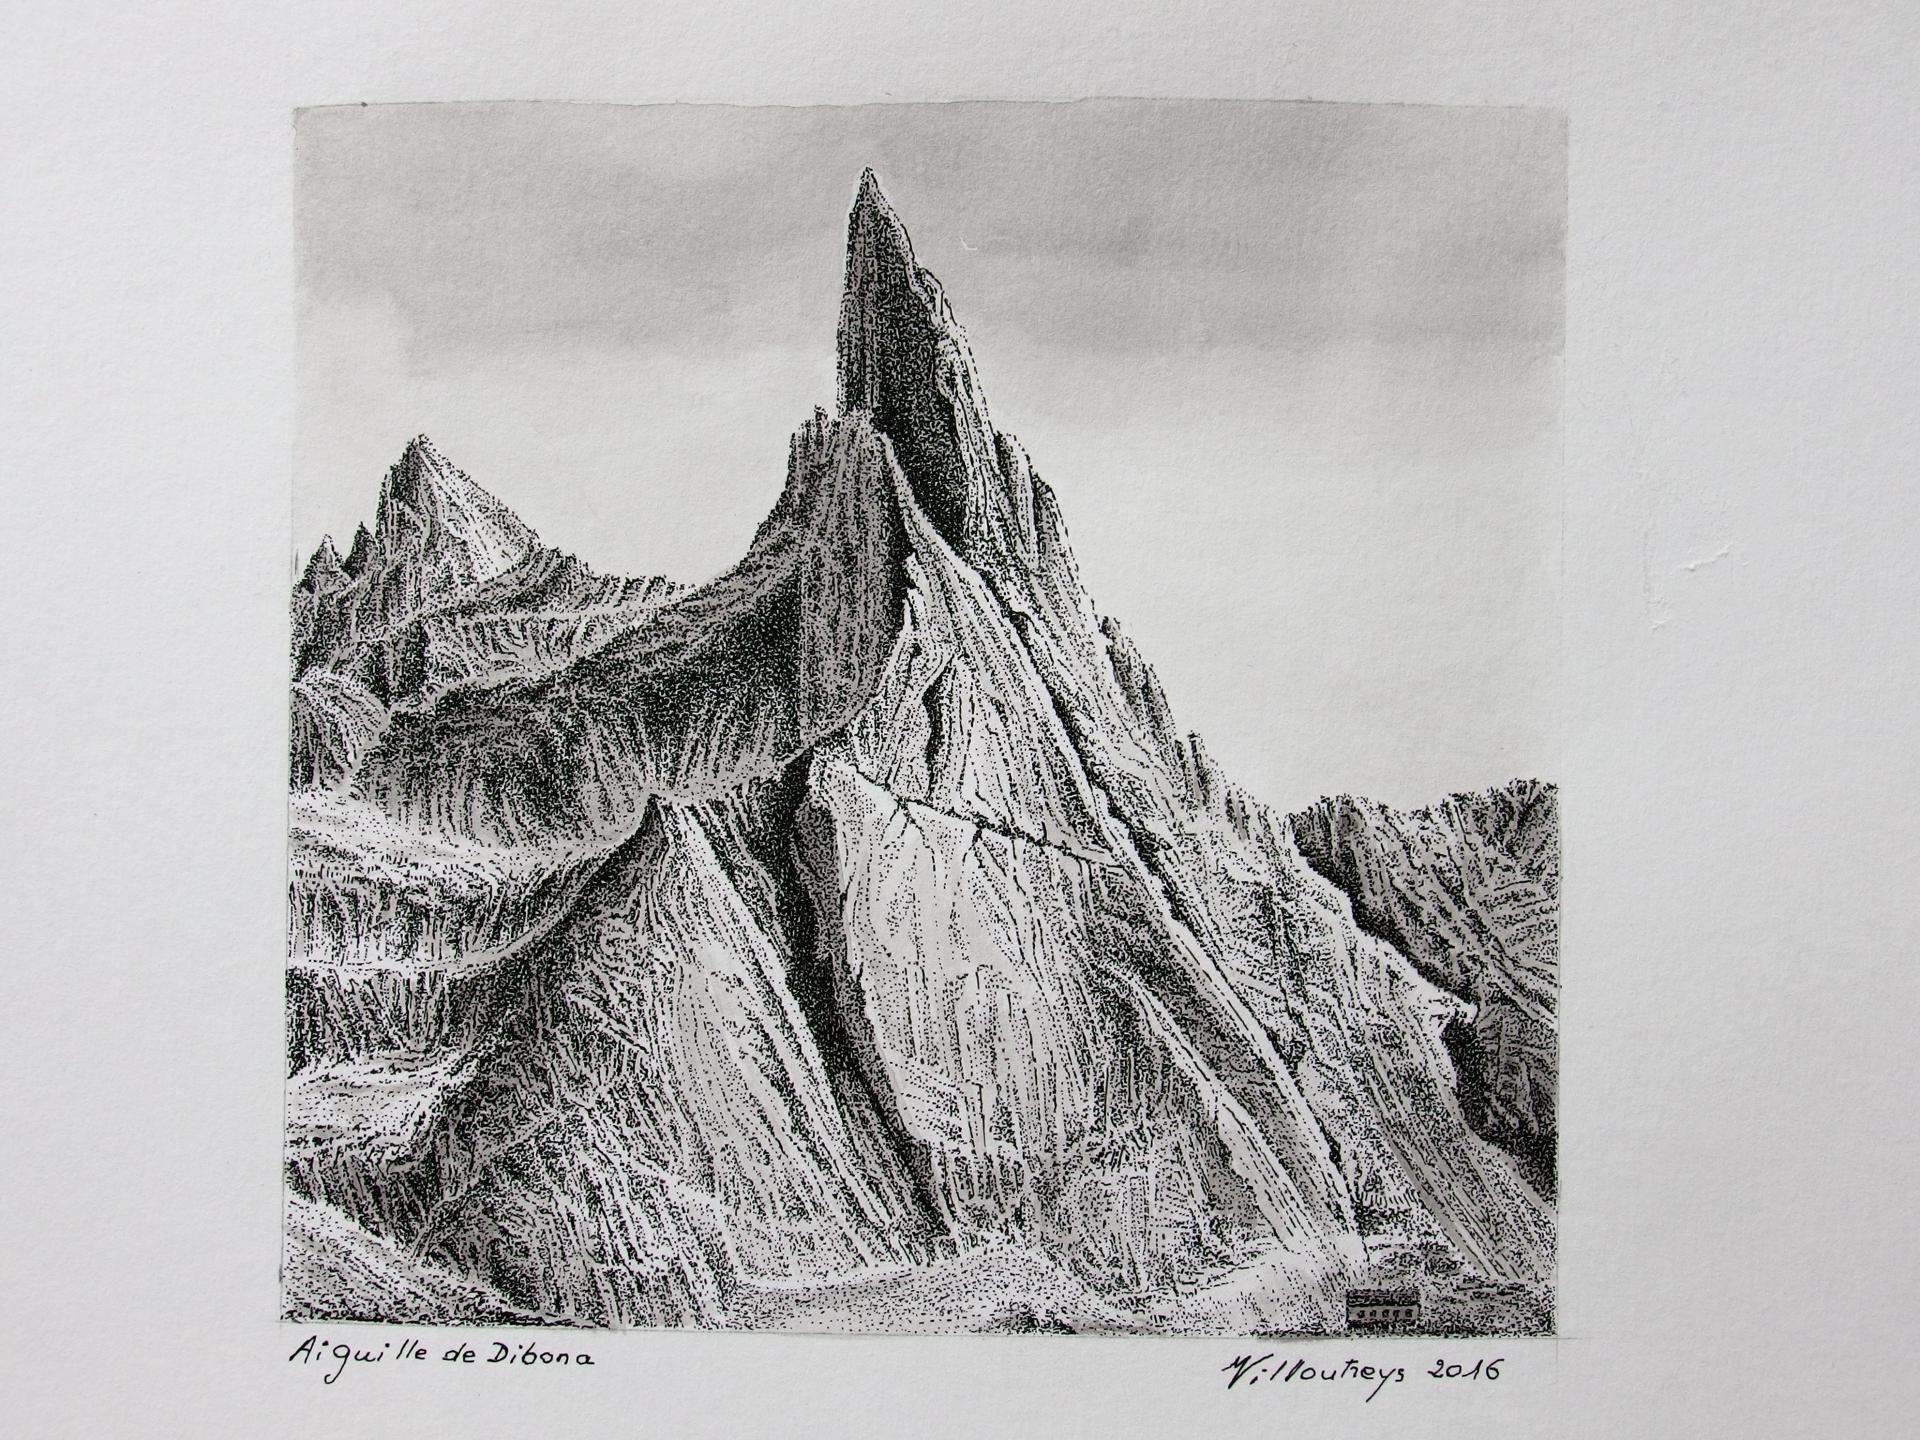 Aiguille de Dibona (Massif de l'Oisans)